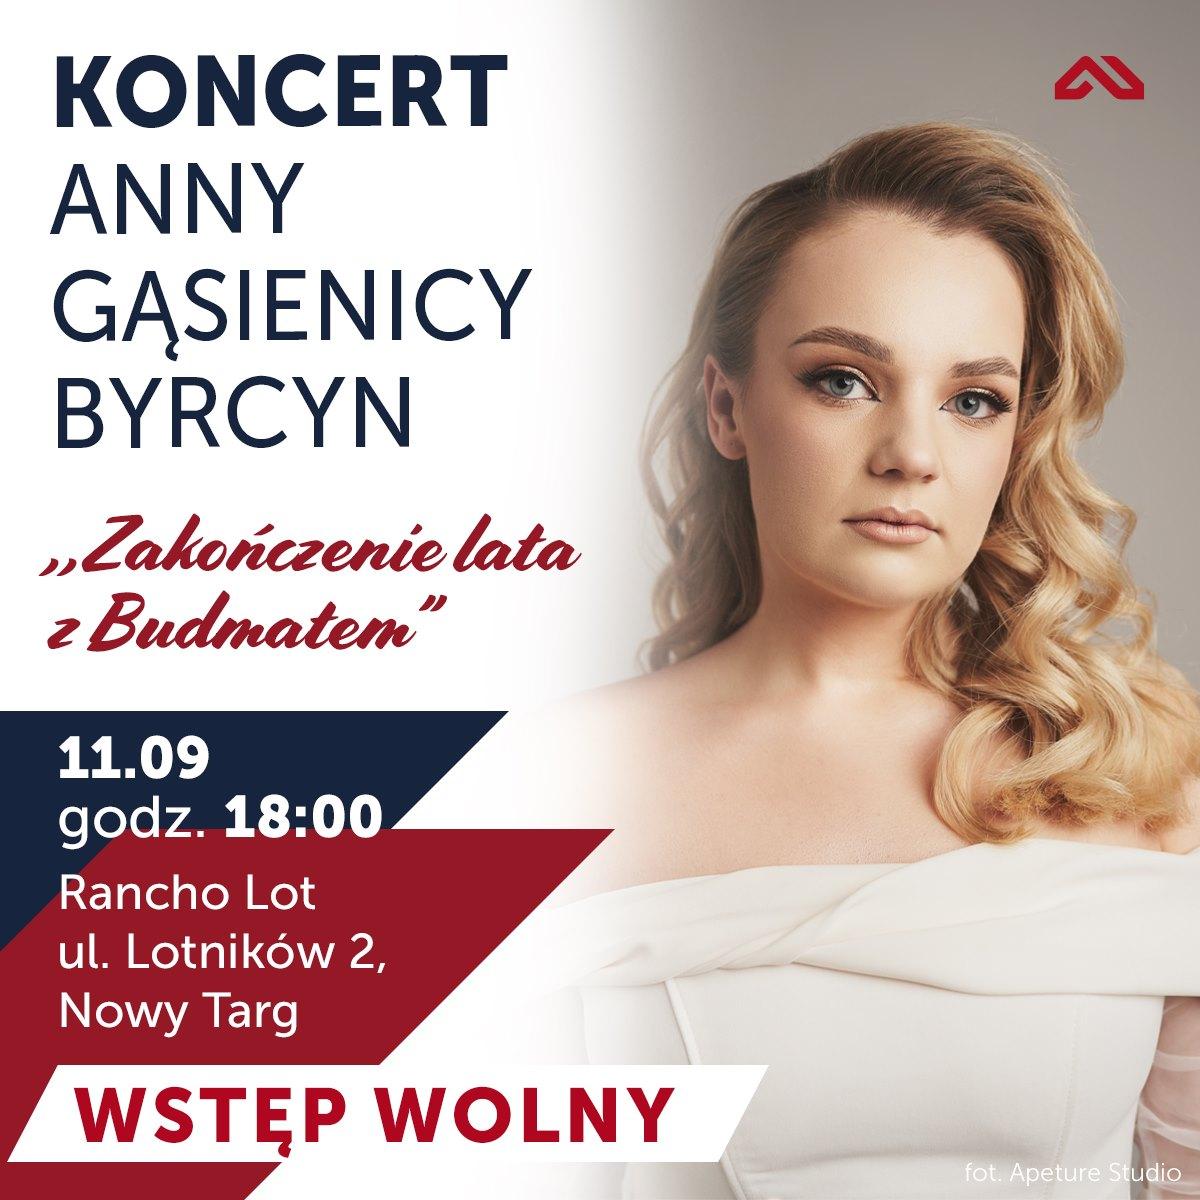 Ania Byrcyn wystąpi w Nowym Targu